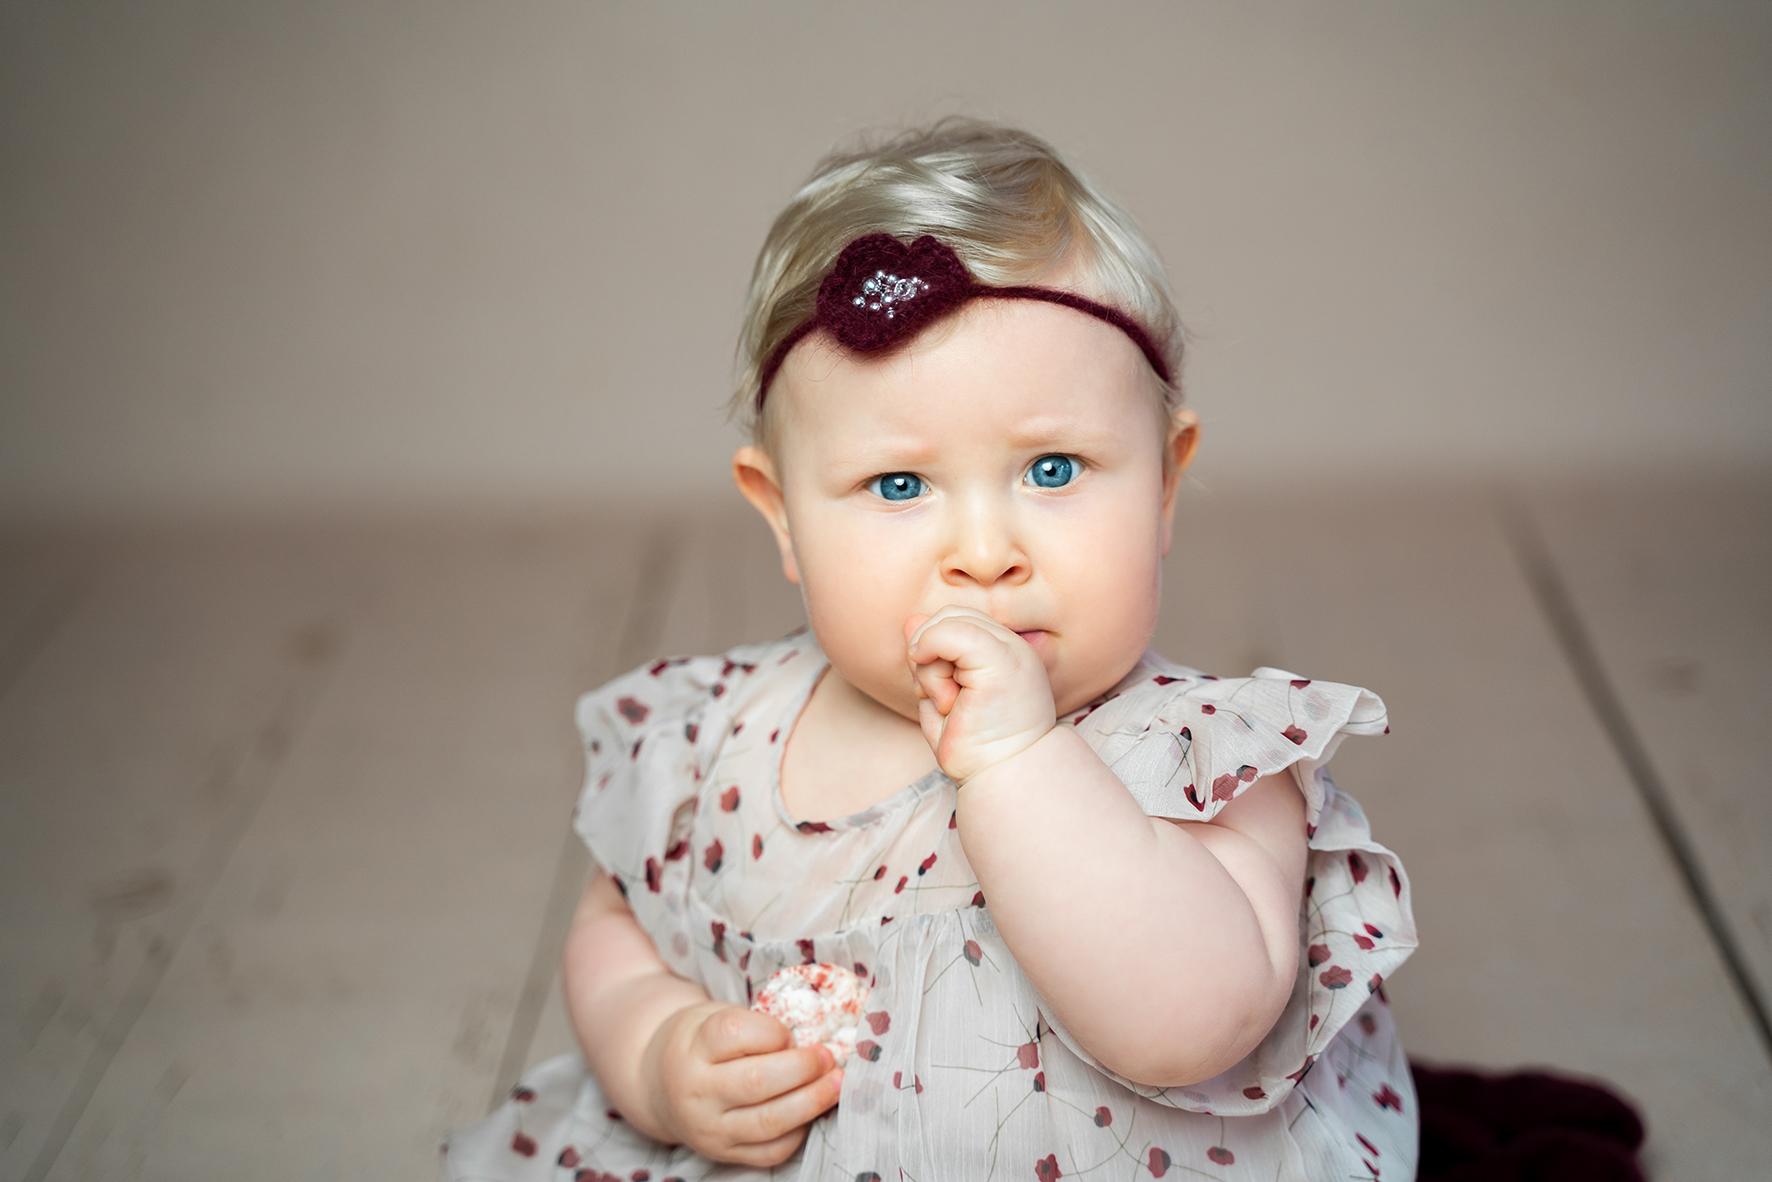 Kritischer Blick beim Fotoshooting Babyfotos im Studio in Bremen Fotograf Grasberg